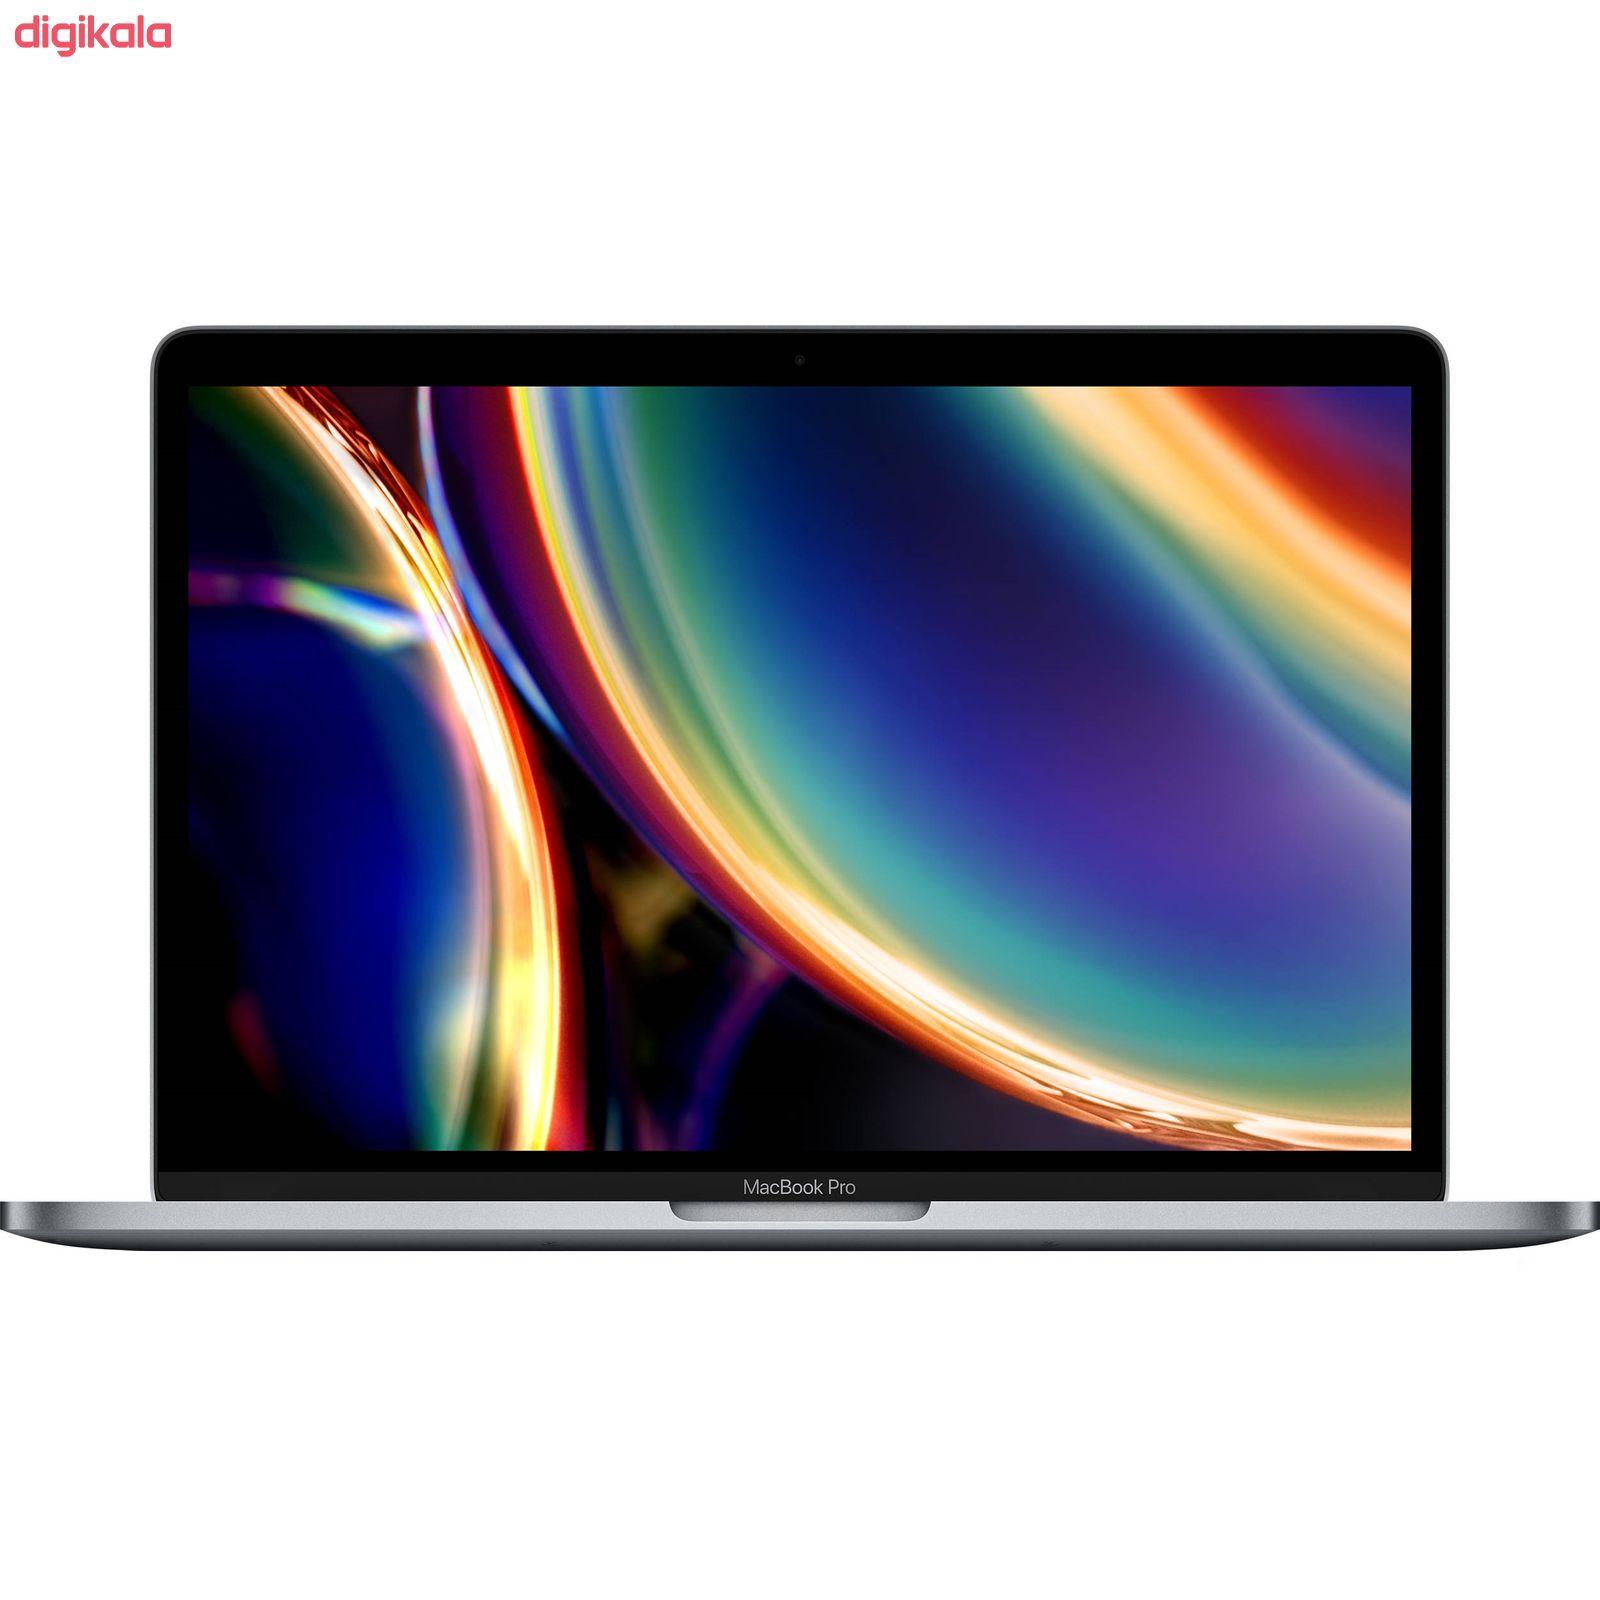 لپ تاپ 13 اینچی اپل مدل MacBook Pro MXK32 2020 همراه با تاچ بار  main 1 1